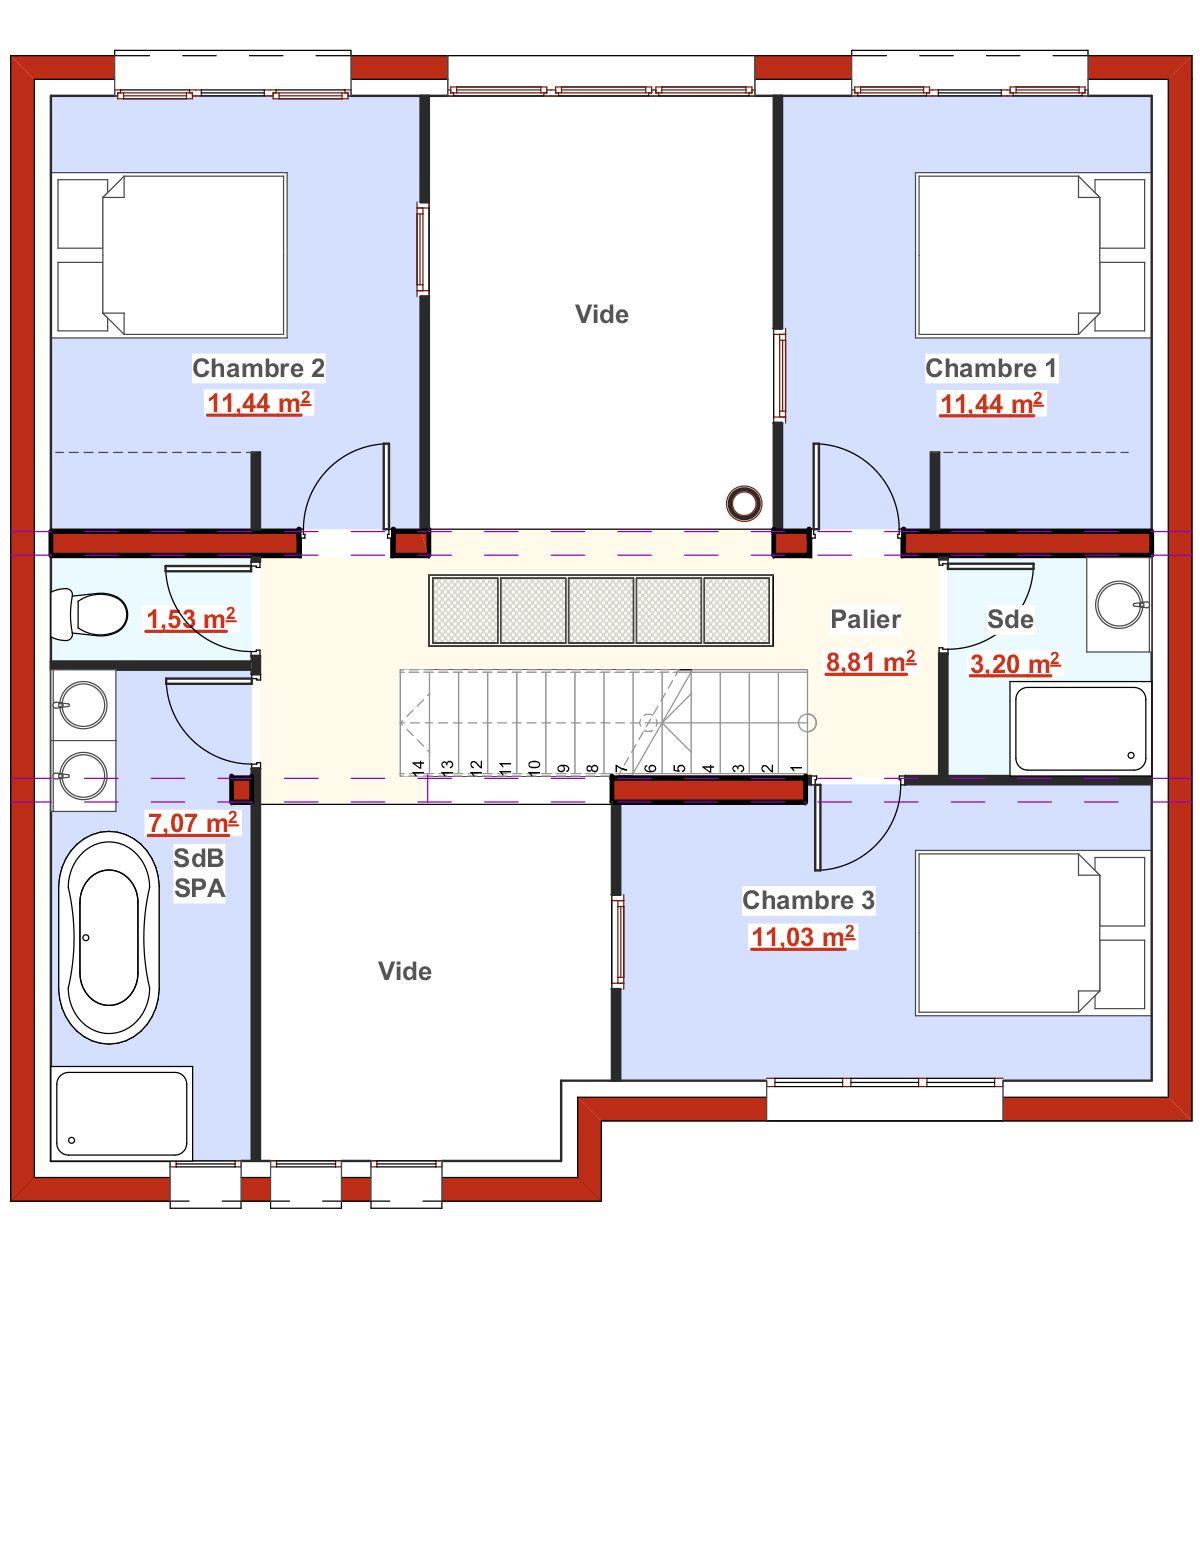 Créer Une Salle De Bain À L Étage voici le plan du 1er étage avec un espace réservé aux